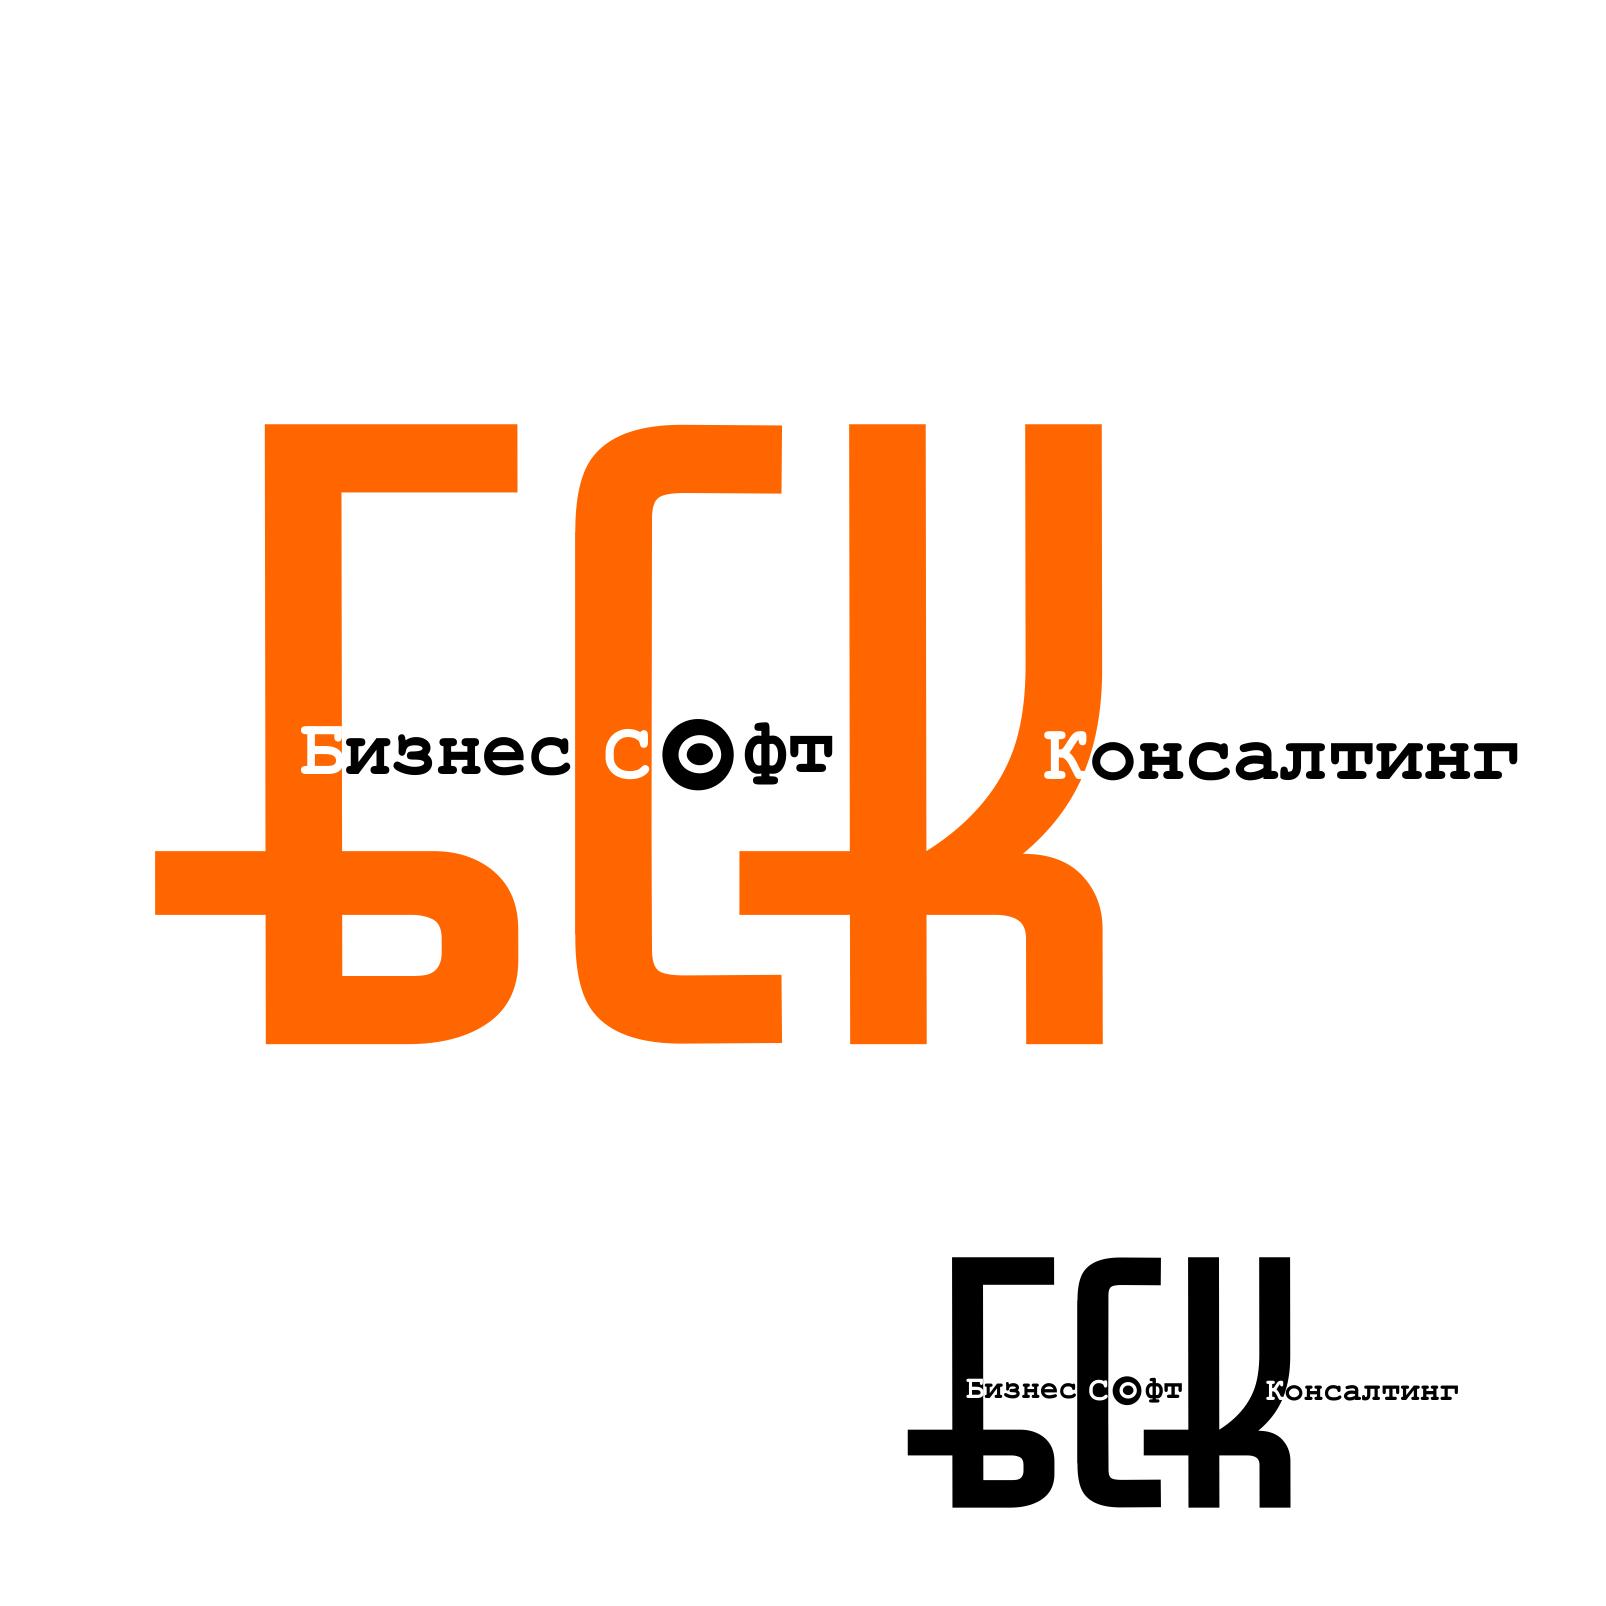 Разработать логотип со смыслом для компании-разработчика ПО фото f_504f1b29203a5.png